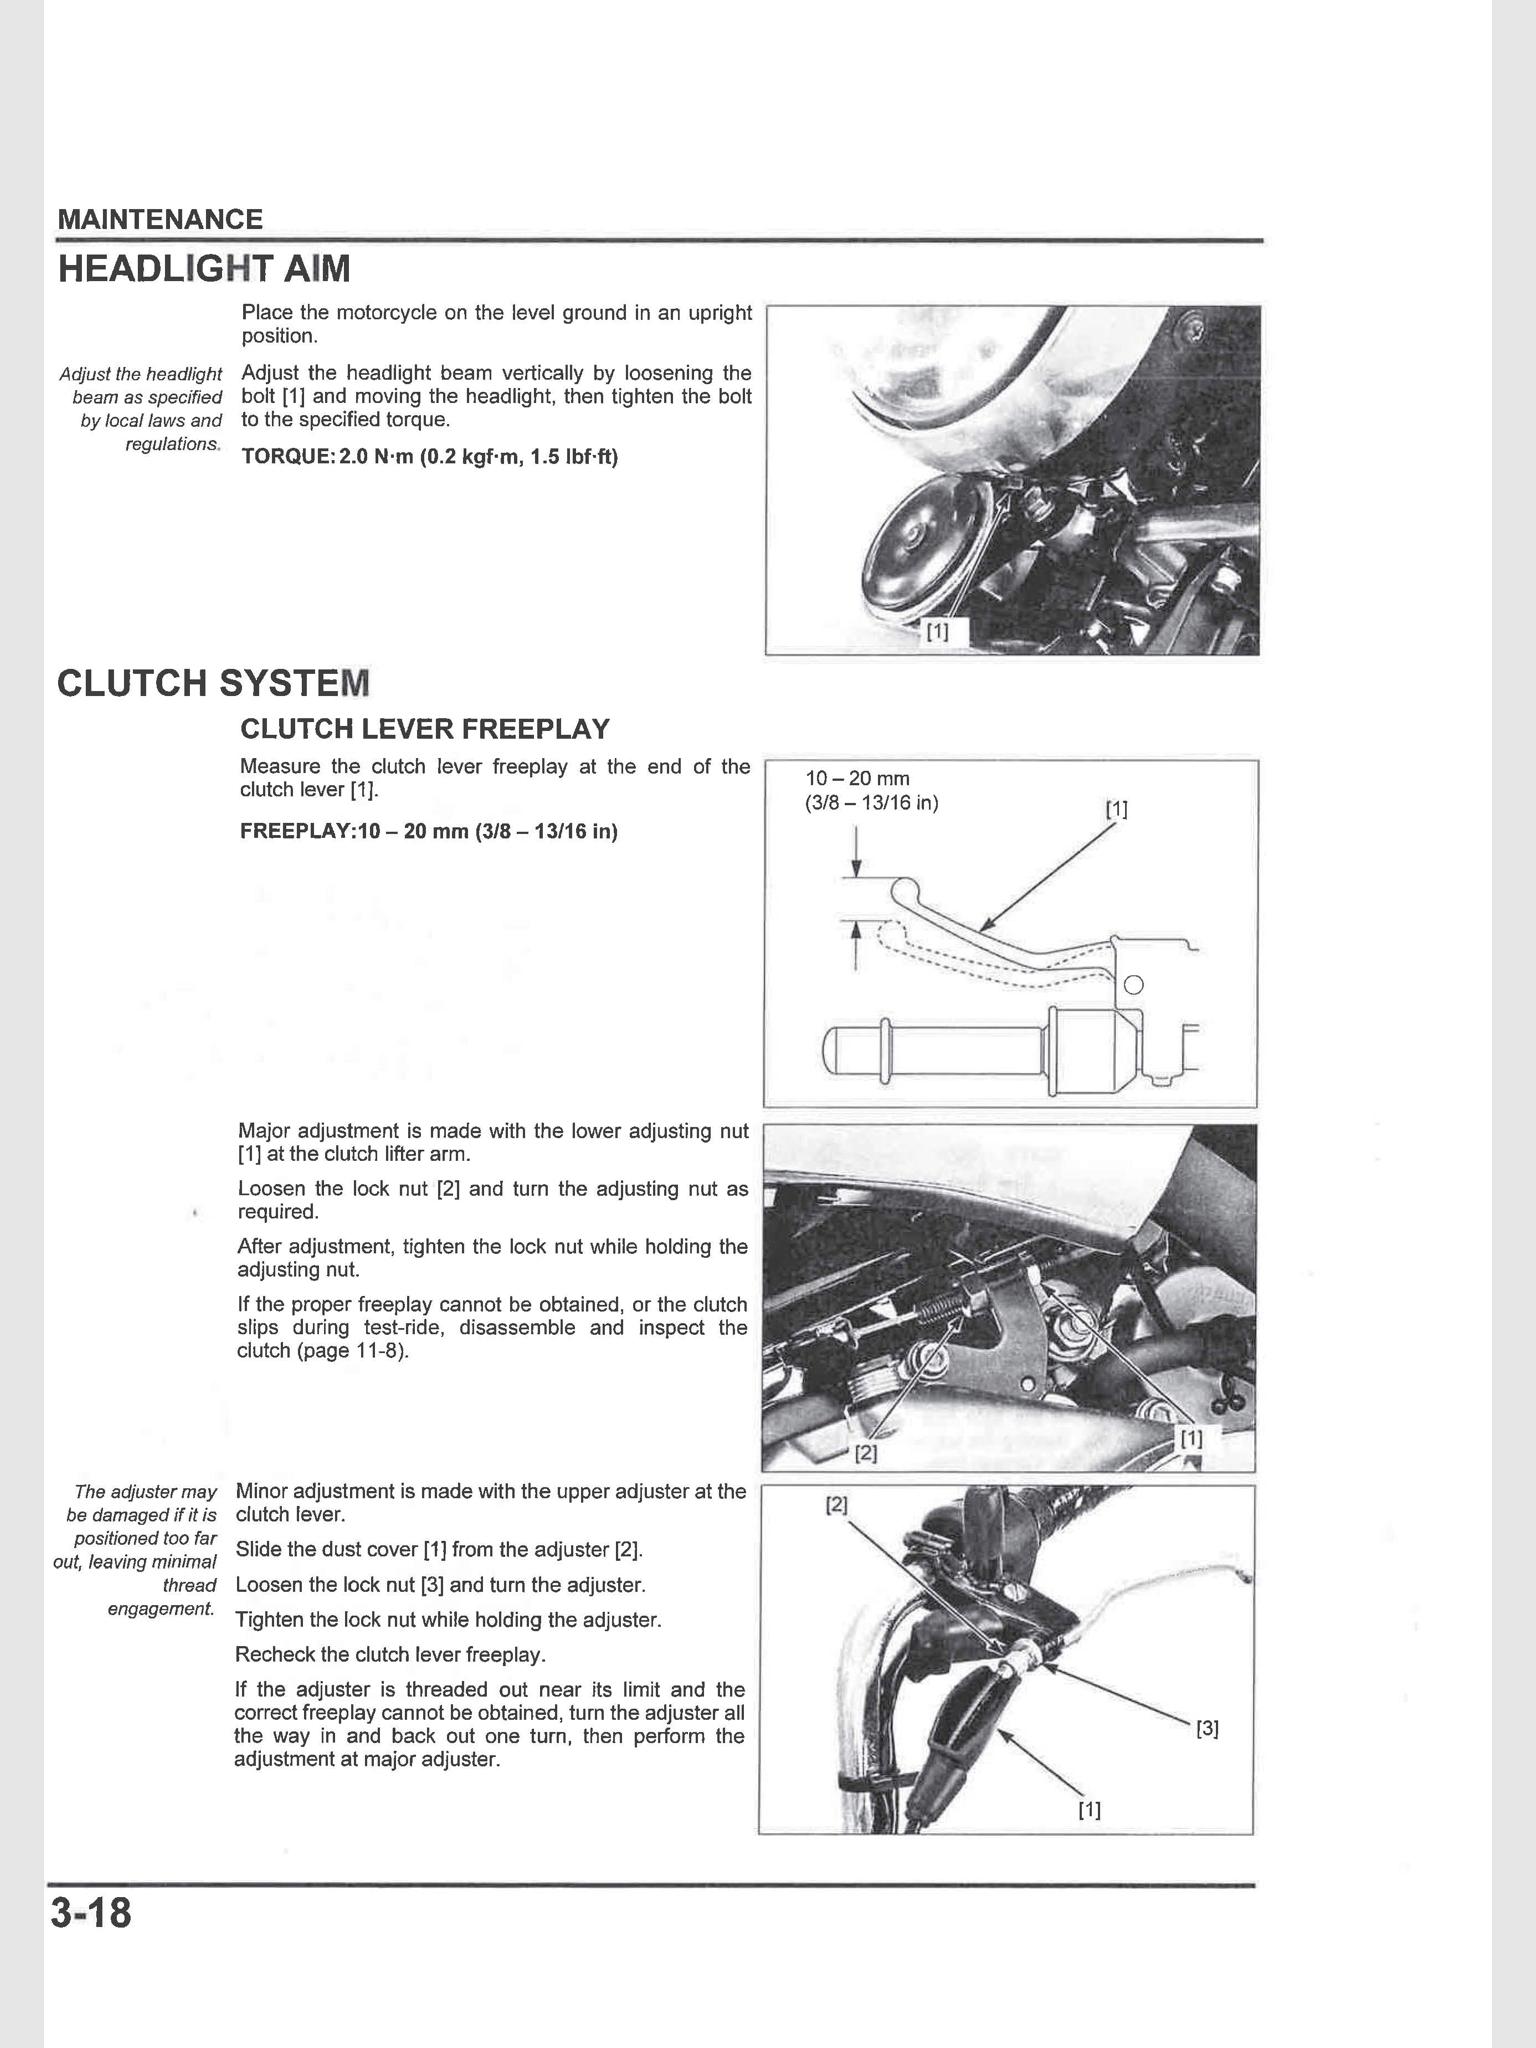 Clutch Engagement Point-3a0d3650-9707-4869-9c85-87a69757ba21.png